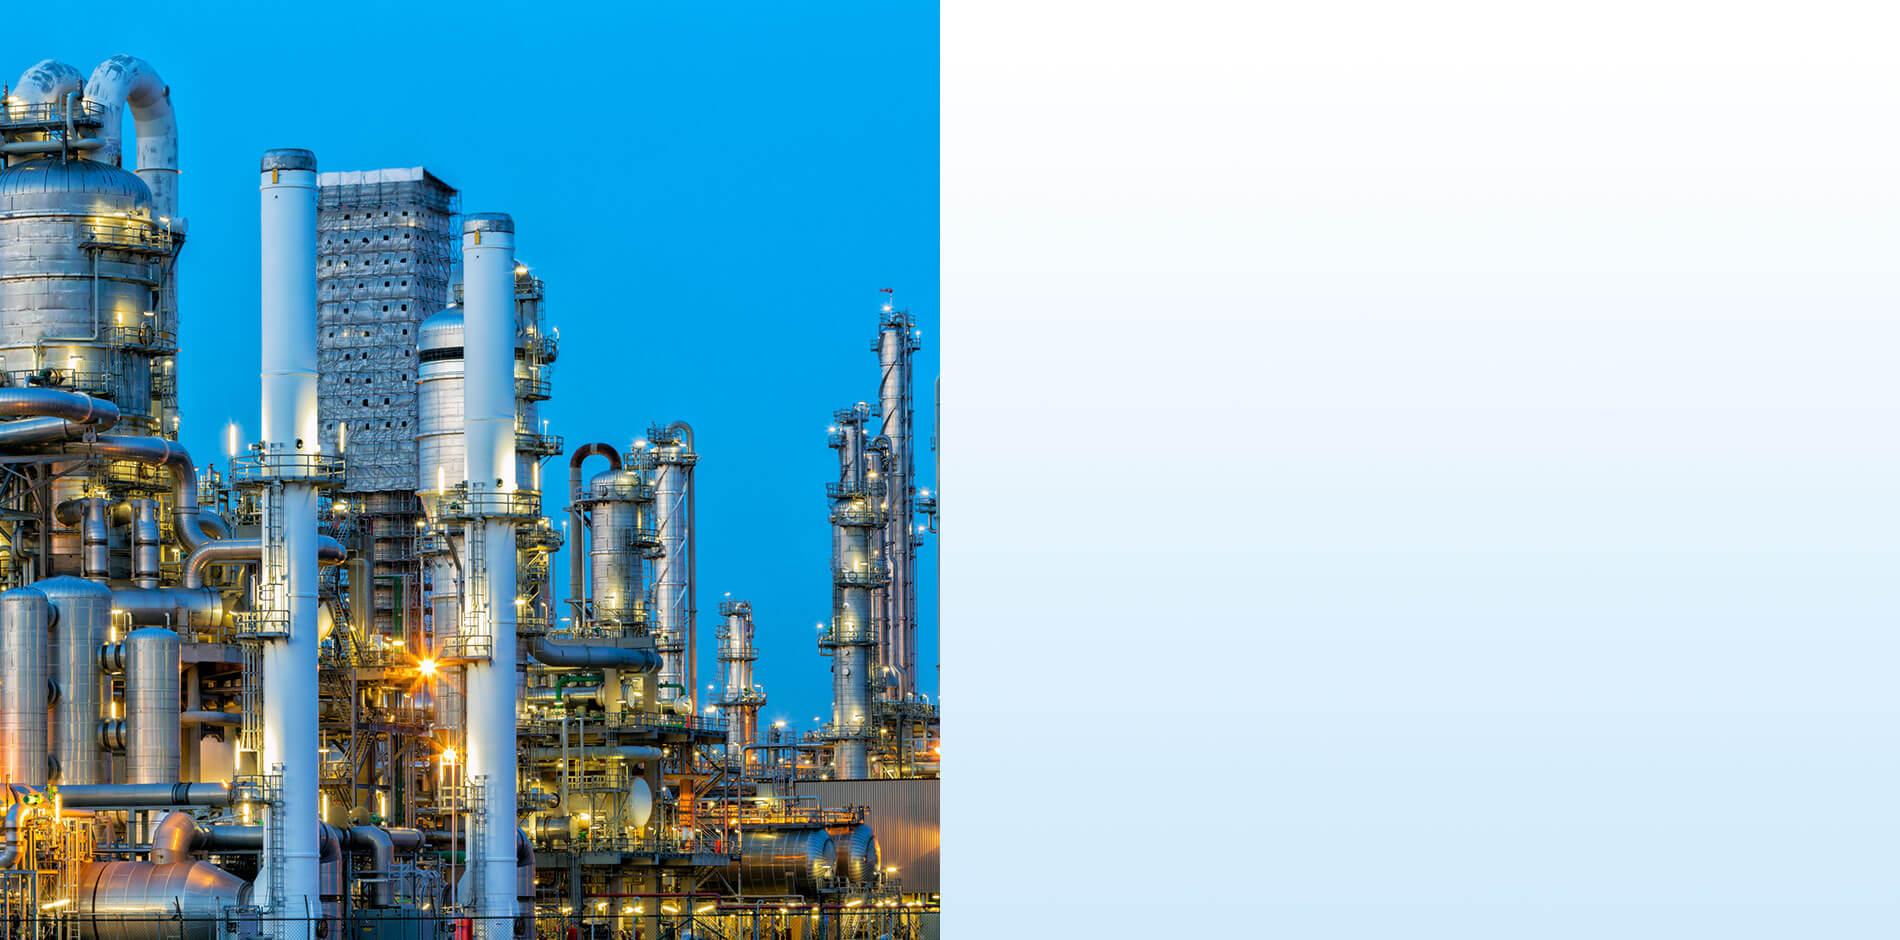 Концентрация жидкости и нулевой сброс жидкости (ZLD)